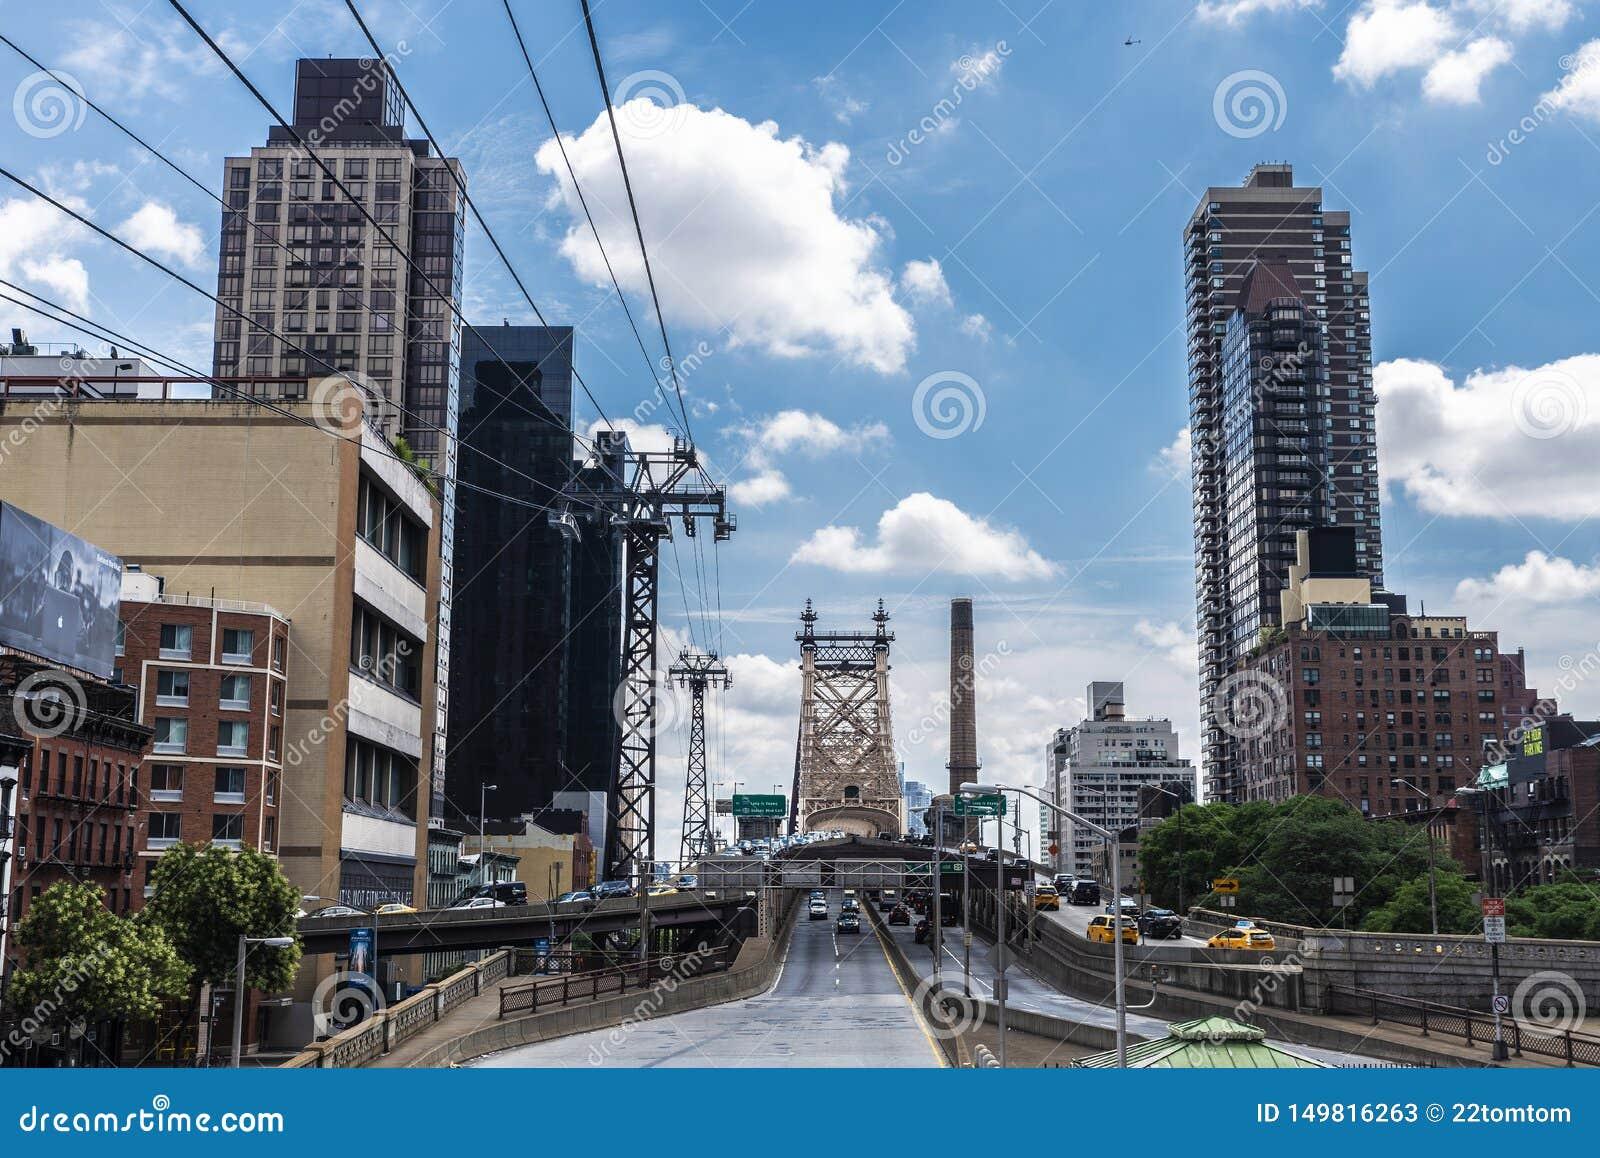 Puente de Ed Koch Queensboro en Manhattan, New York City, los E.E.U.U.